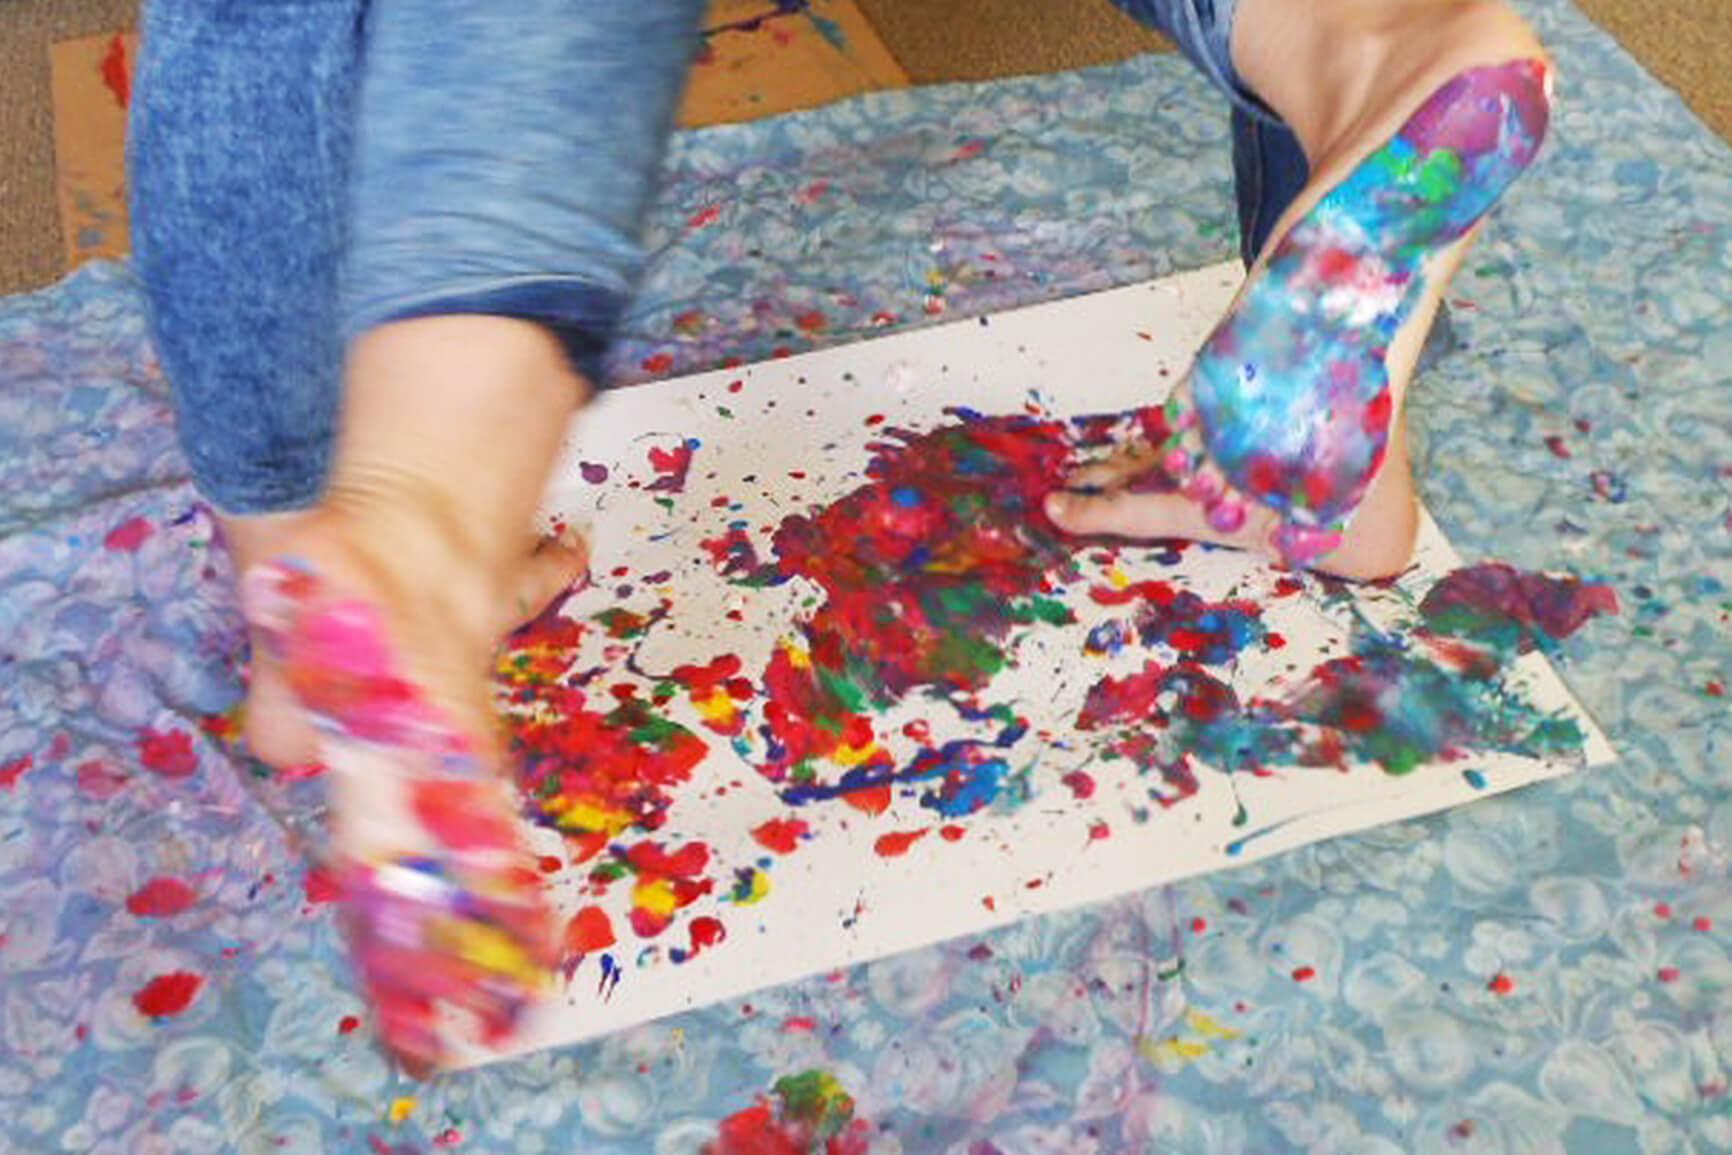 voetverven tekenlokaal gemma